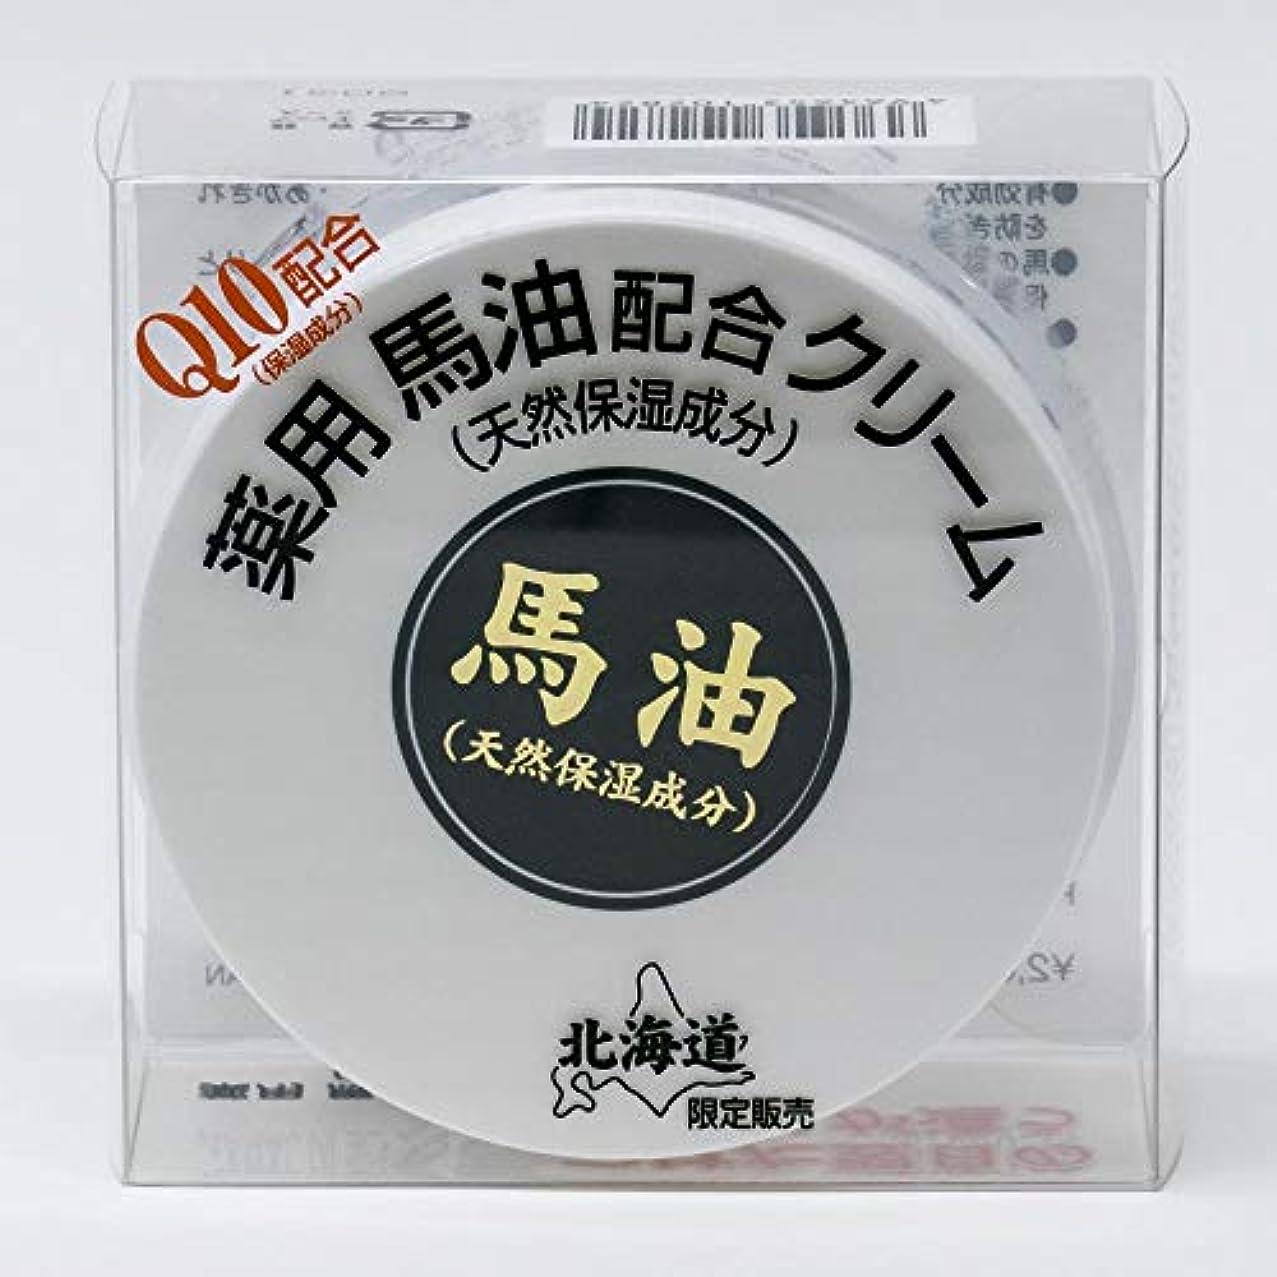 宅配便ディスクセーブ薬用 馬油配合クリーム 天然保湿成分Q10配合